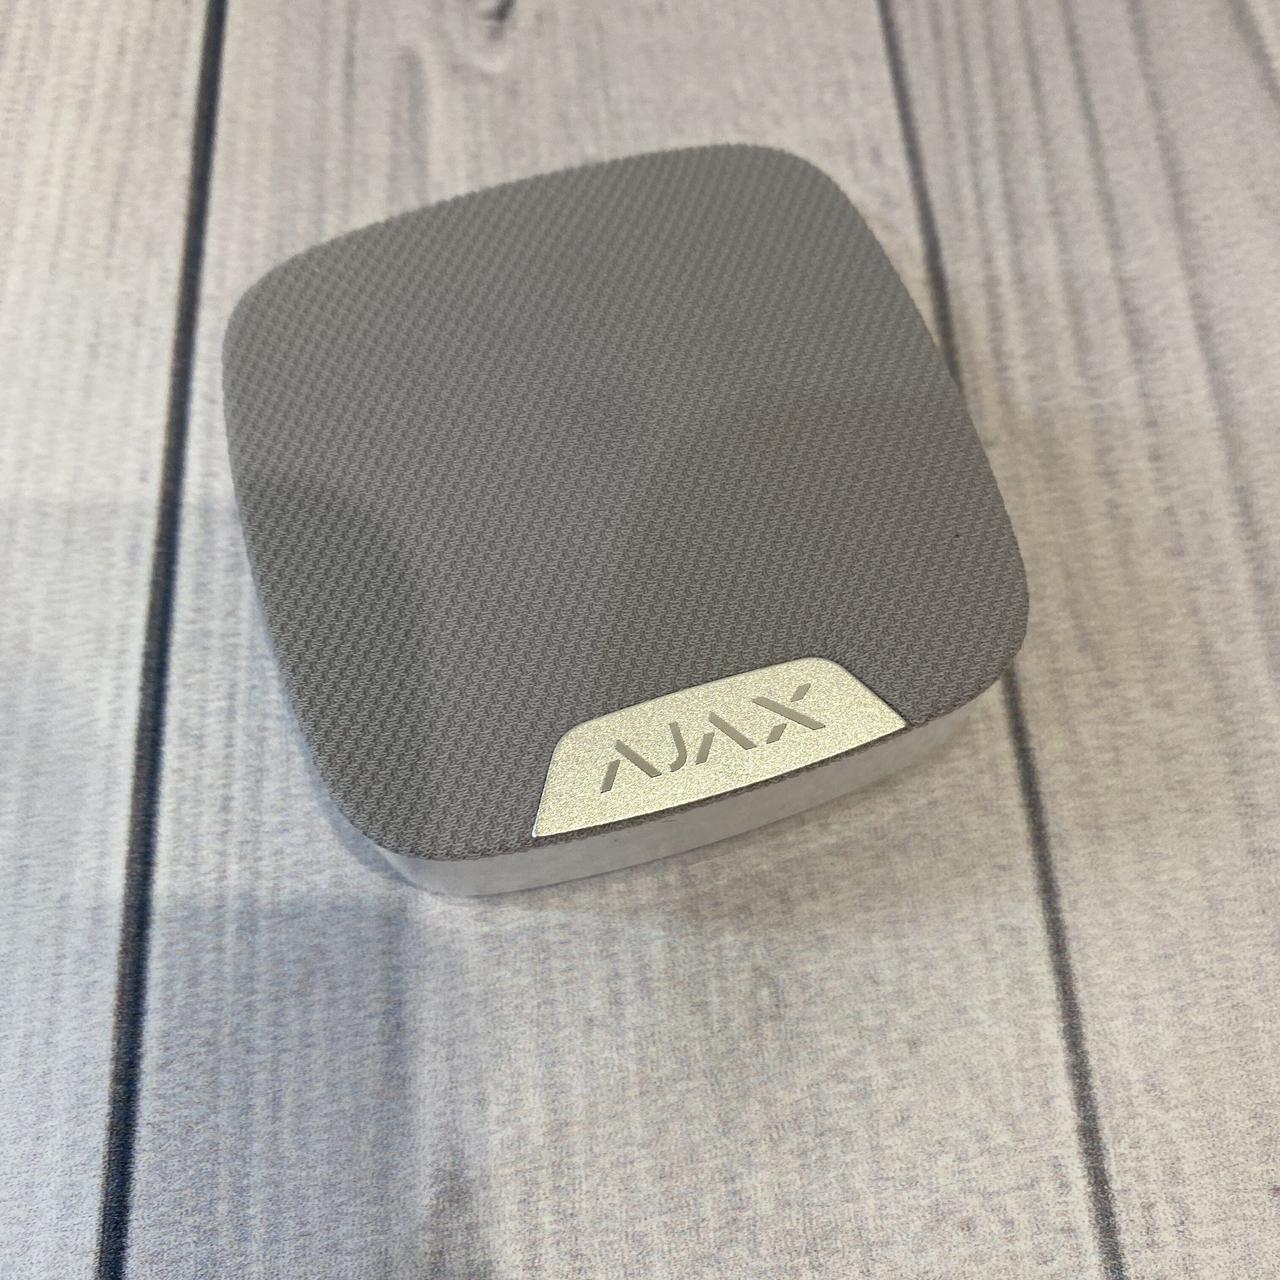 Беспроводная сигнализация Ajax HomeSiren   (White/Black)